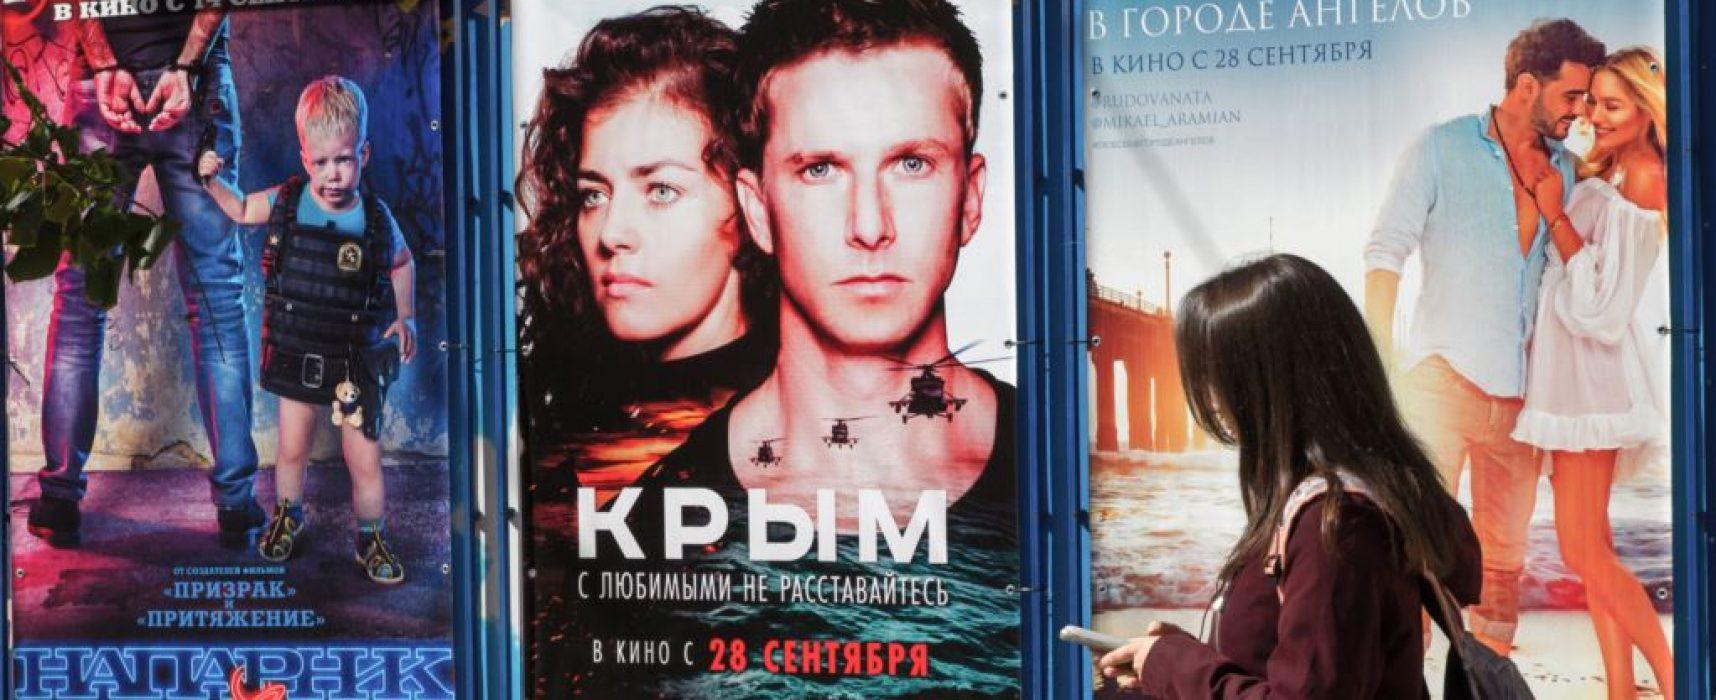 Убийства, которых не было: о чем лжет фильм «Крым»